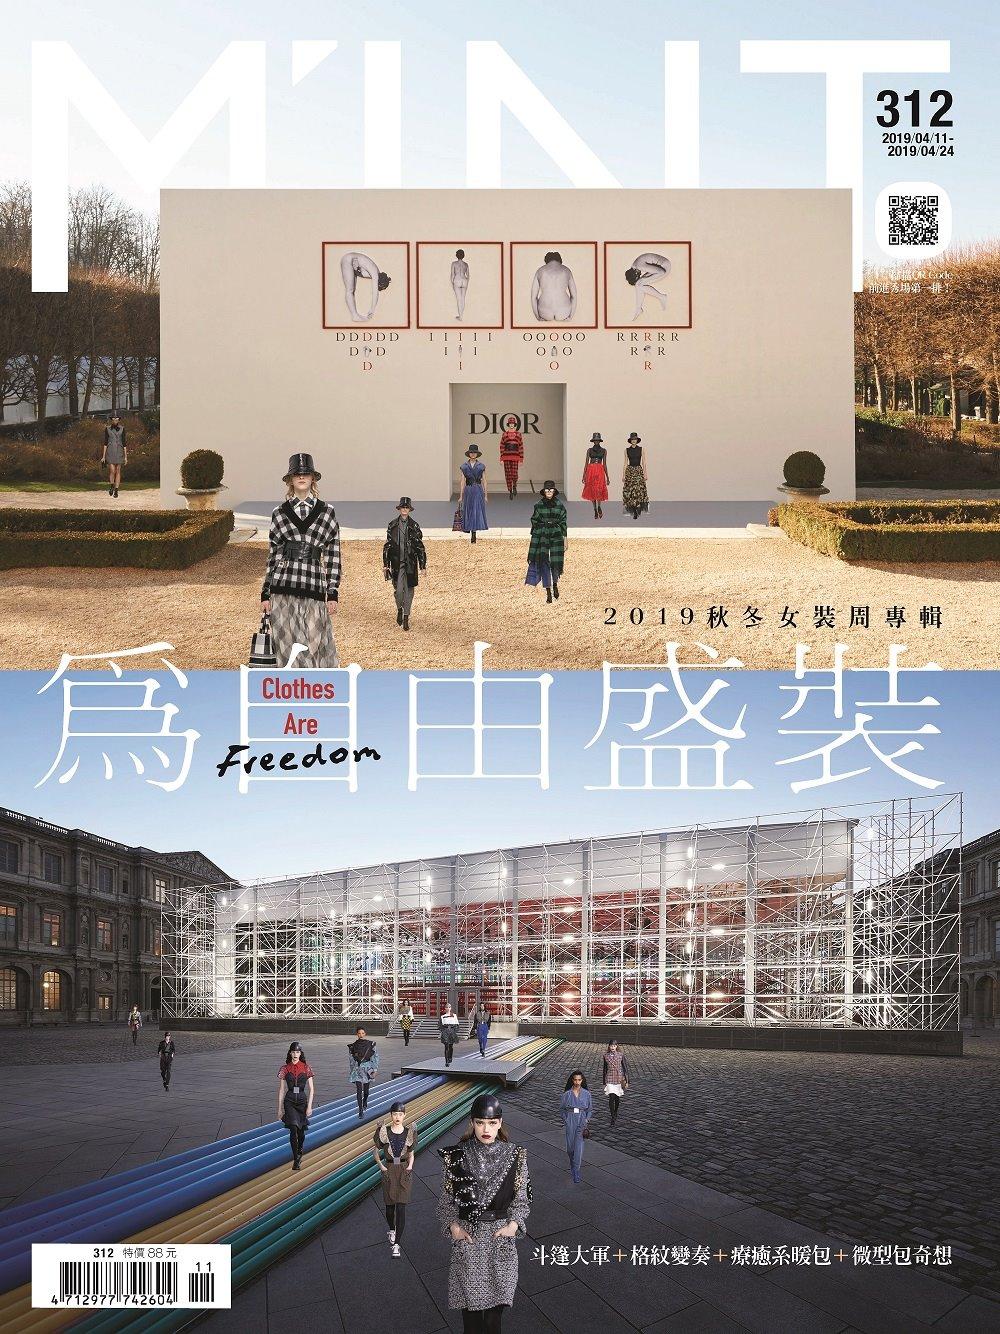 明潮(雙週刊) 2019/4/11第312期